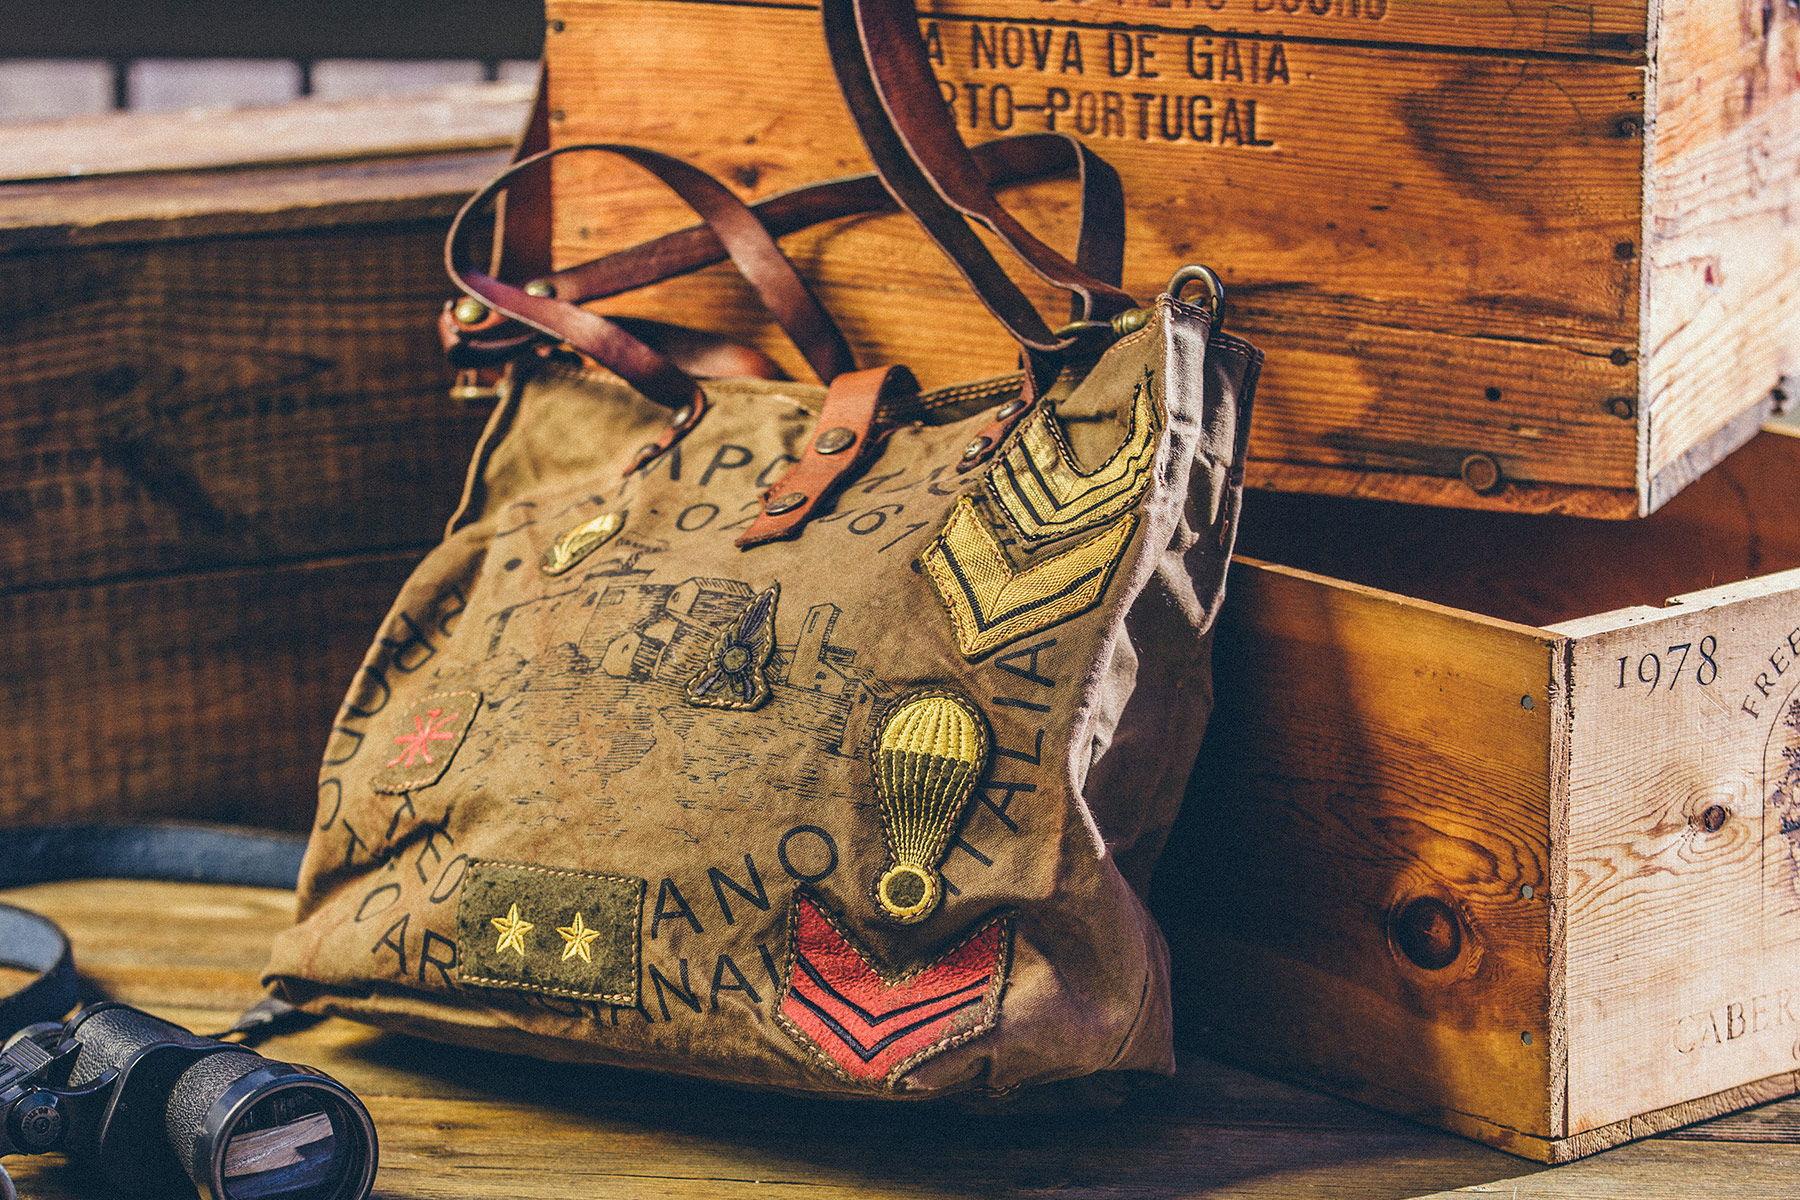 Campmaggi Viaggio Patch Bag